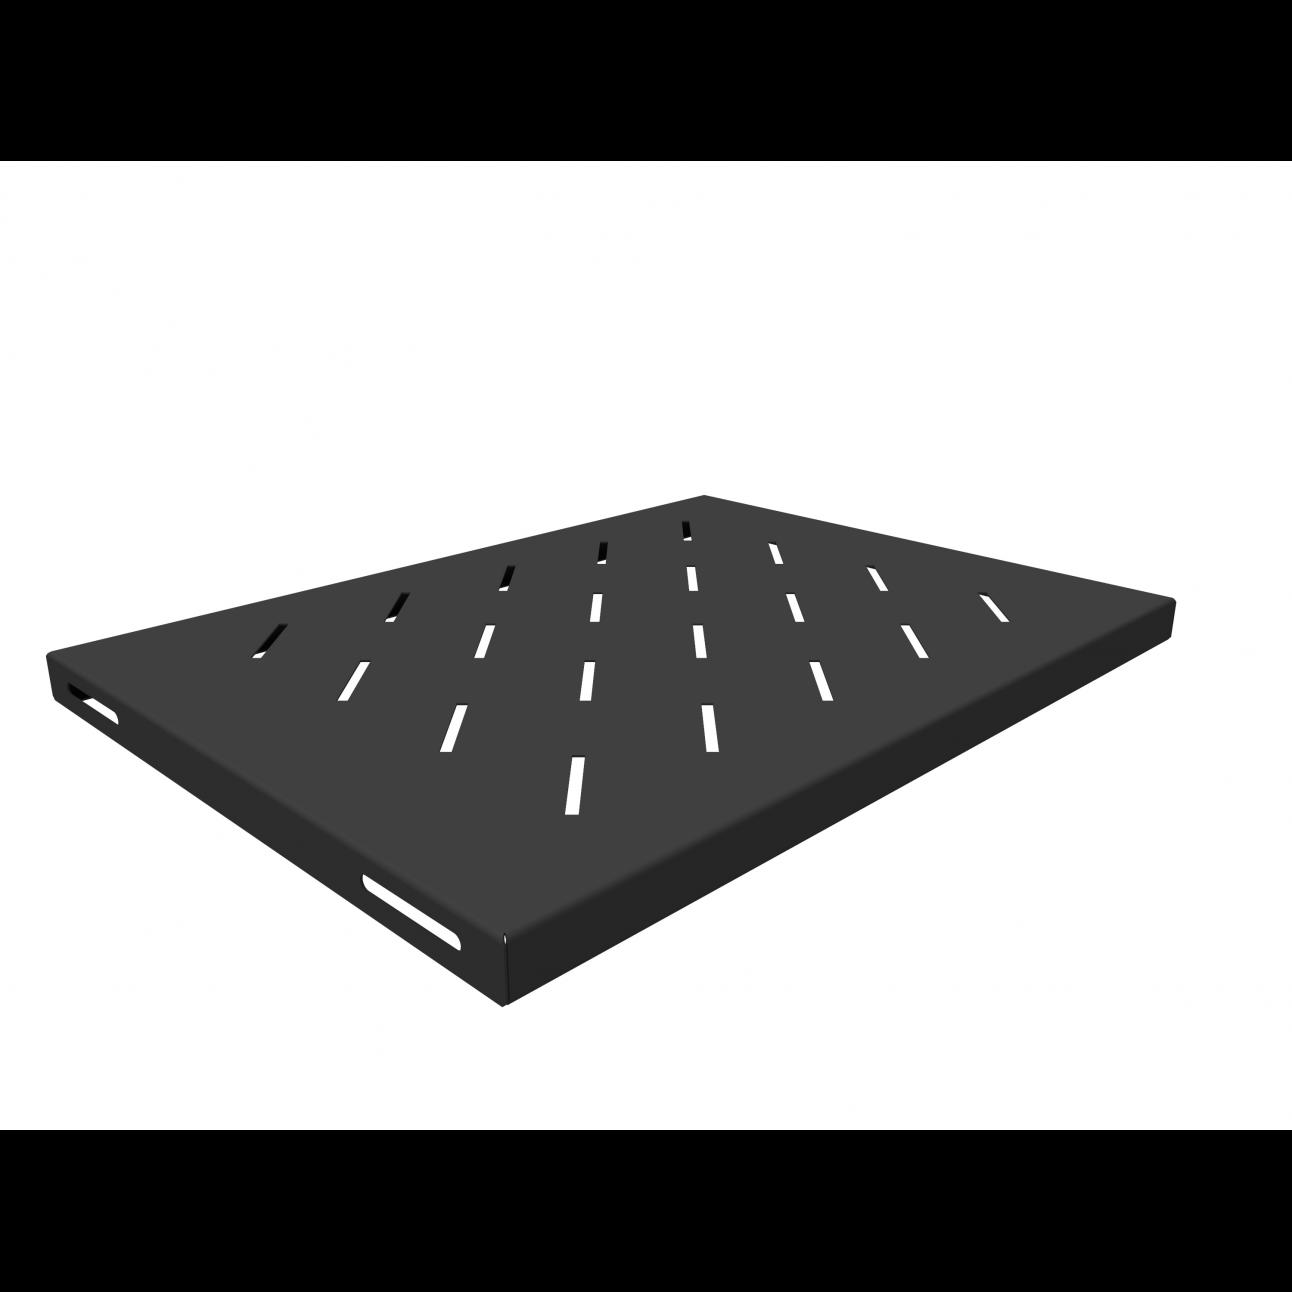 Полка стационарная для шкафов глубиной 600мм, (глубина полки 350мм) распределенная нагрузка 20кг, цвет-черный (SNR-SHELF-06035-20B)